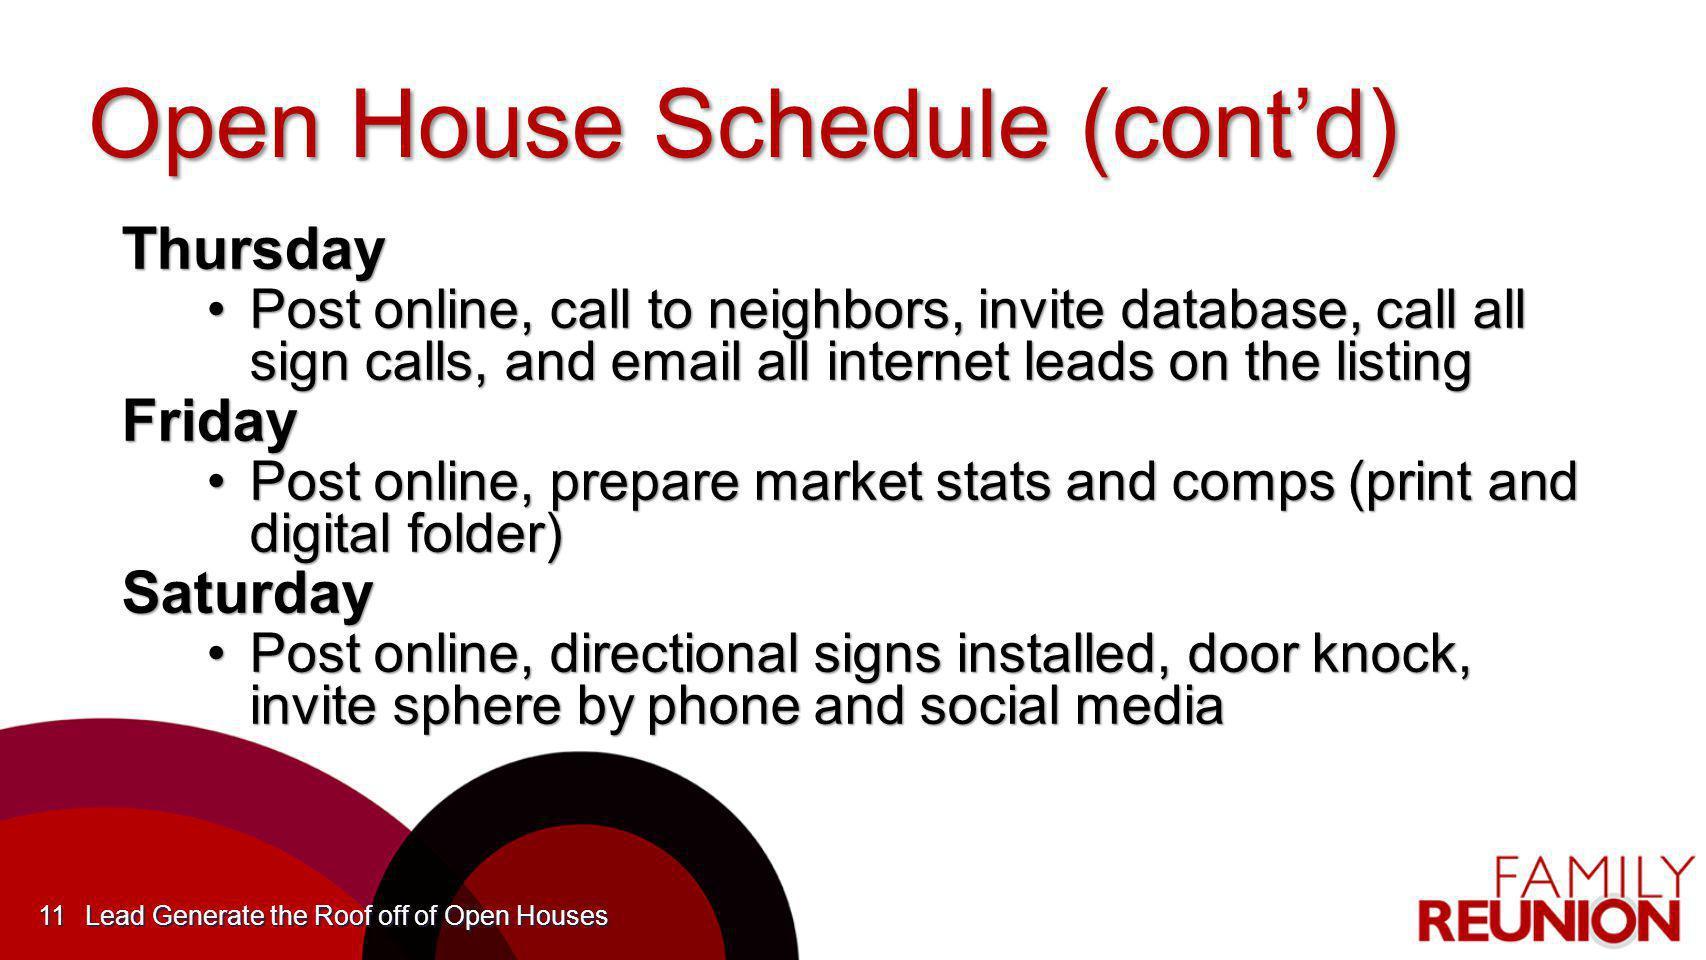 Open House Schedule (cont'd)